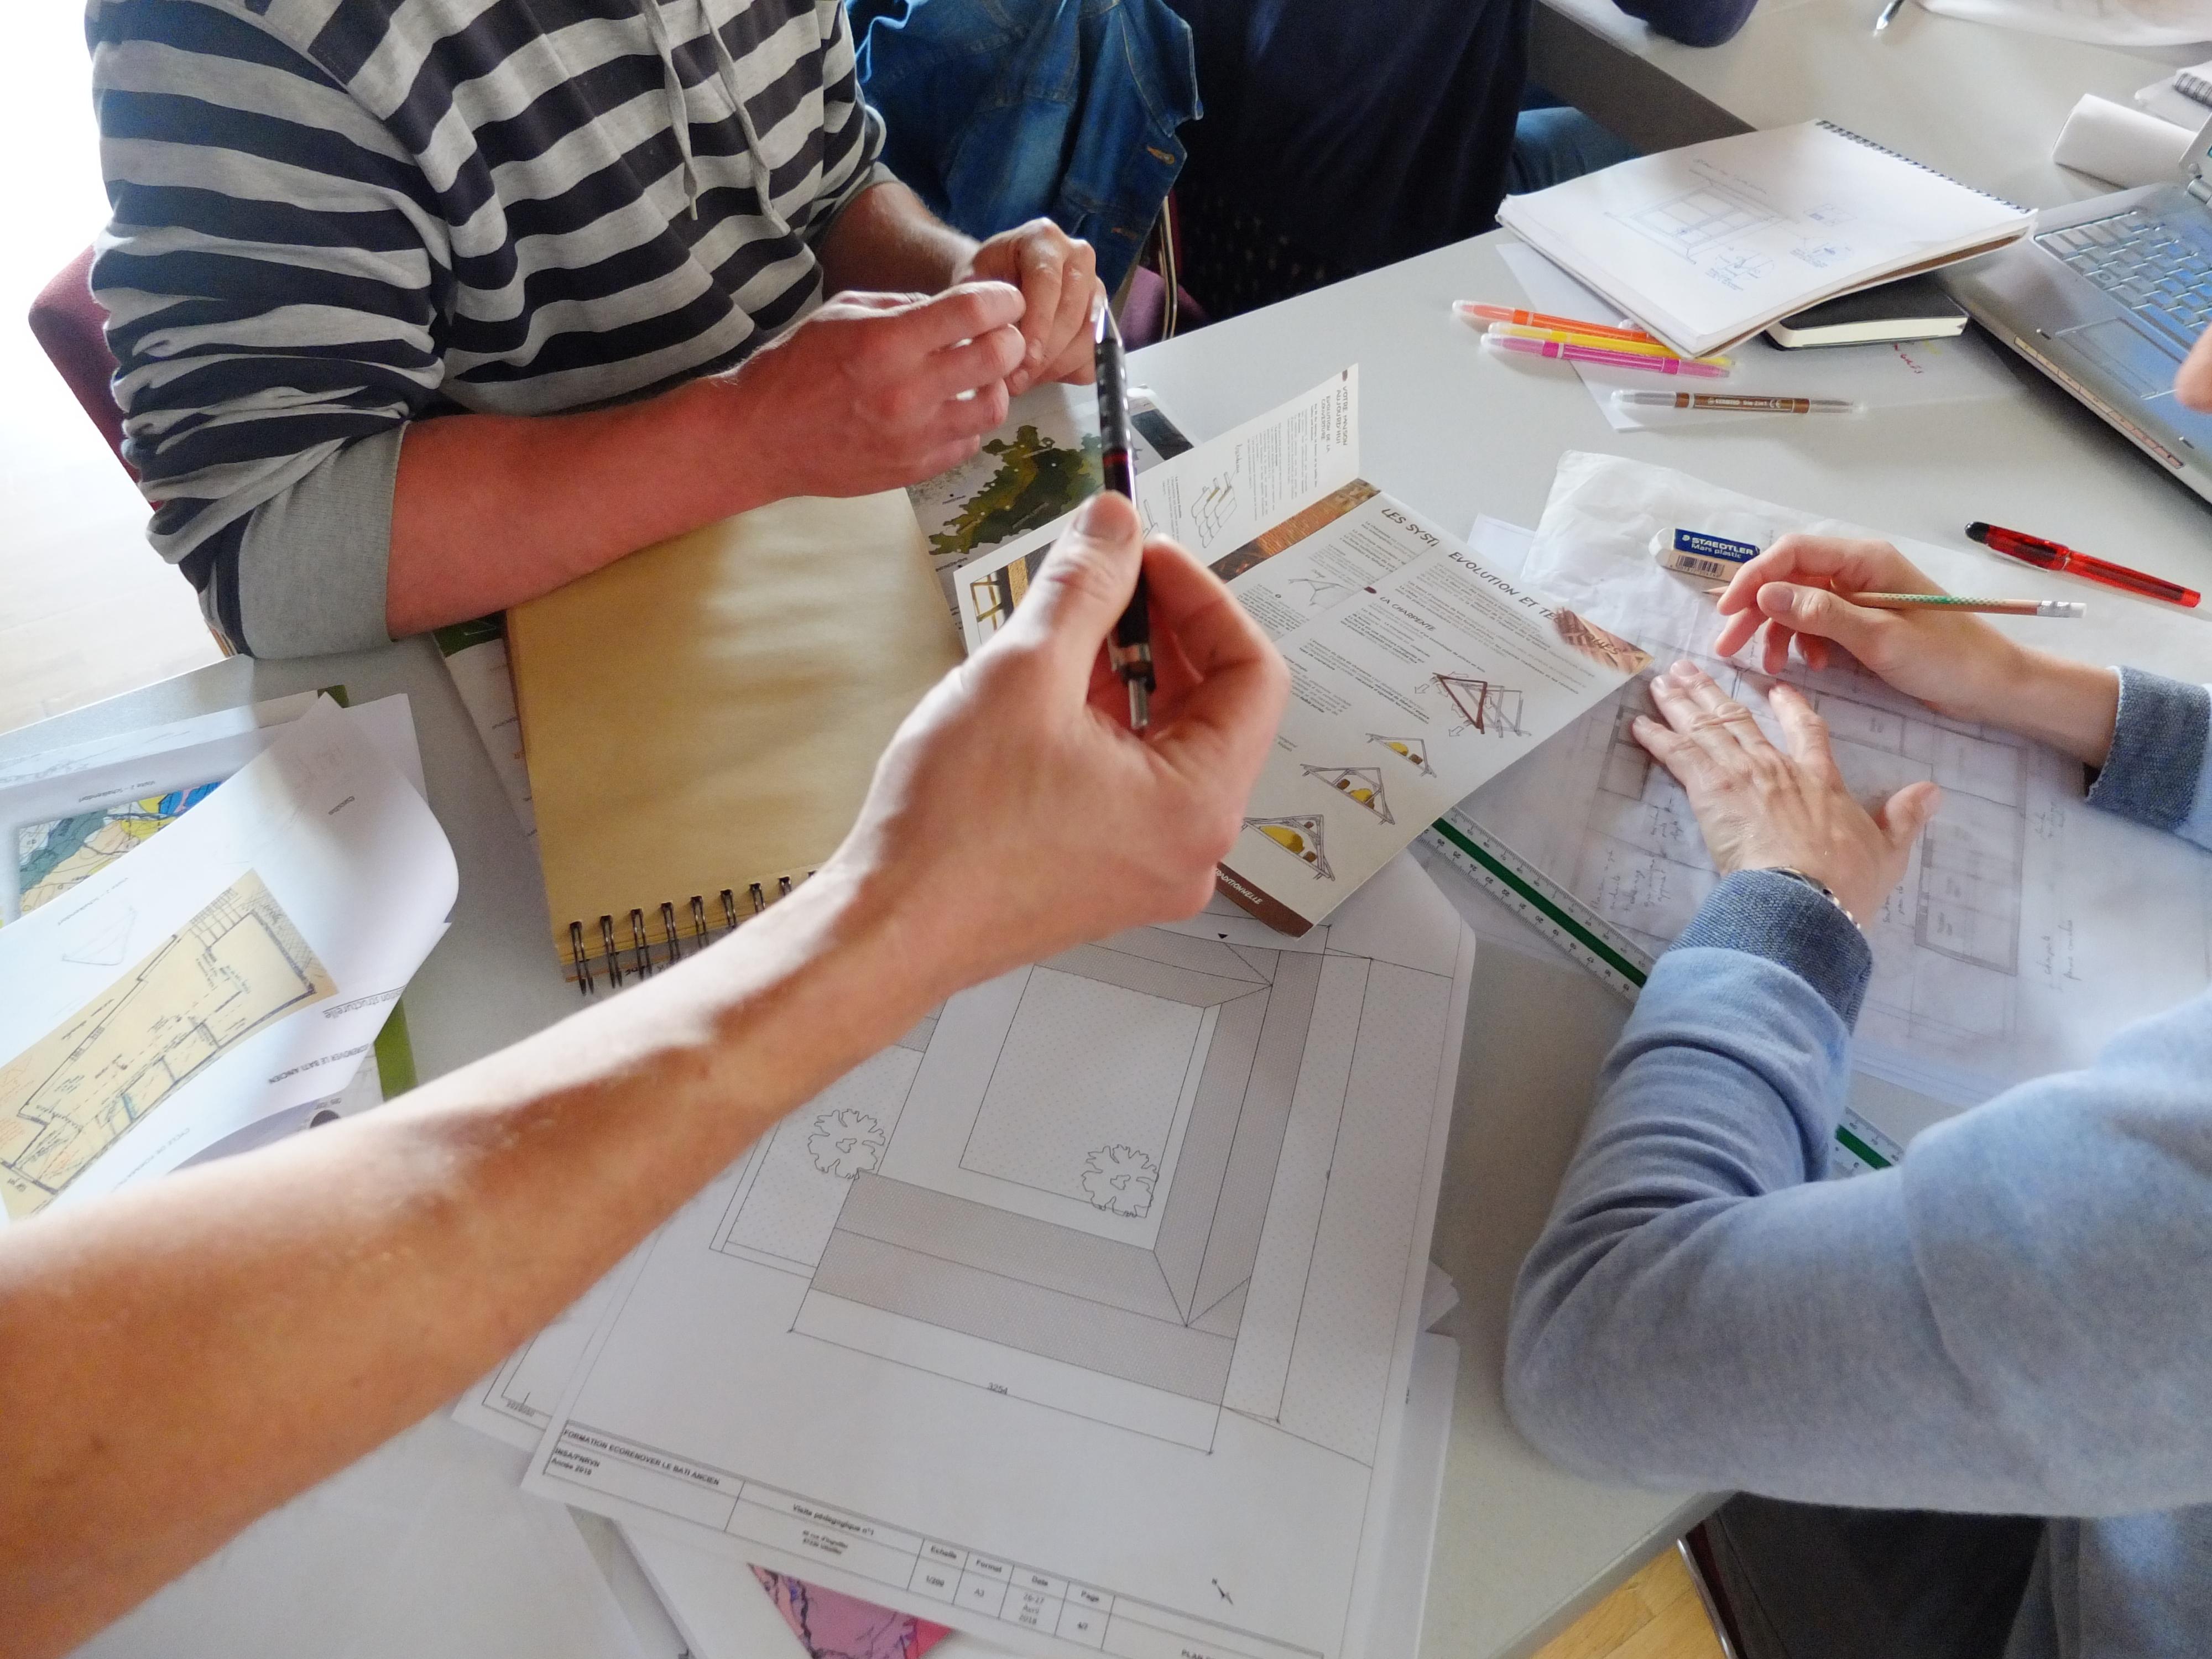 APERO-BAVARD: « Architecture et design - Les ressources locales pour construire la ruralité de demain »